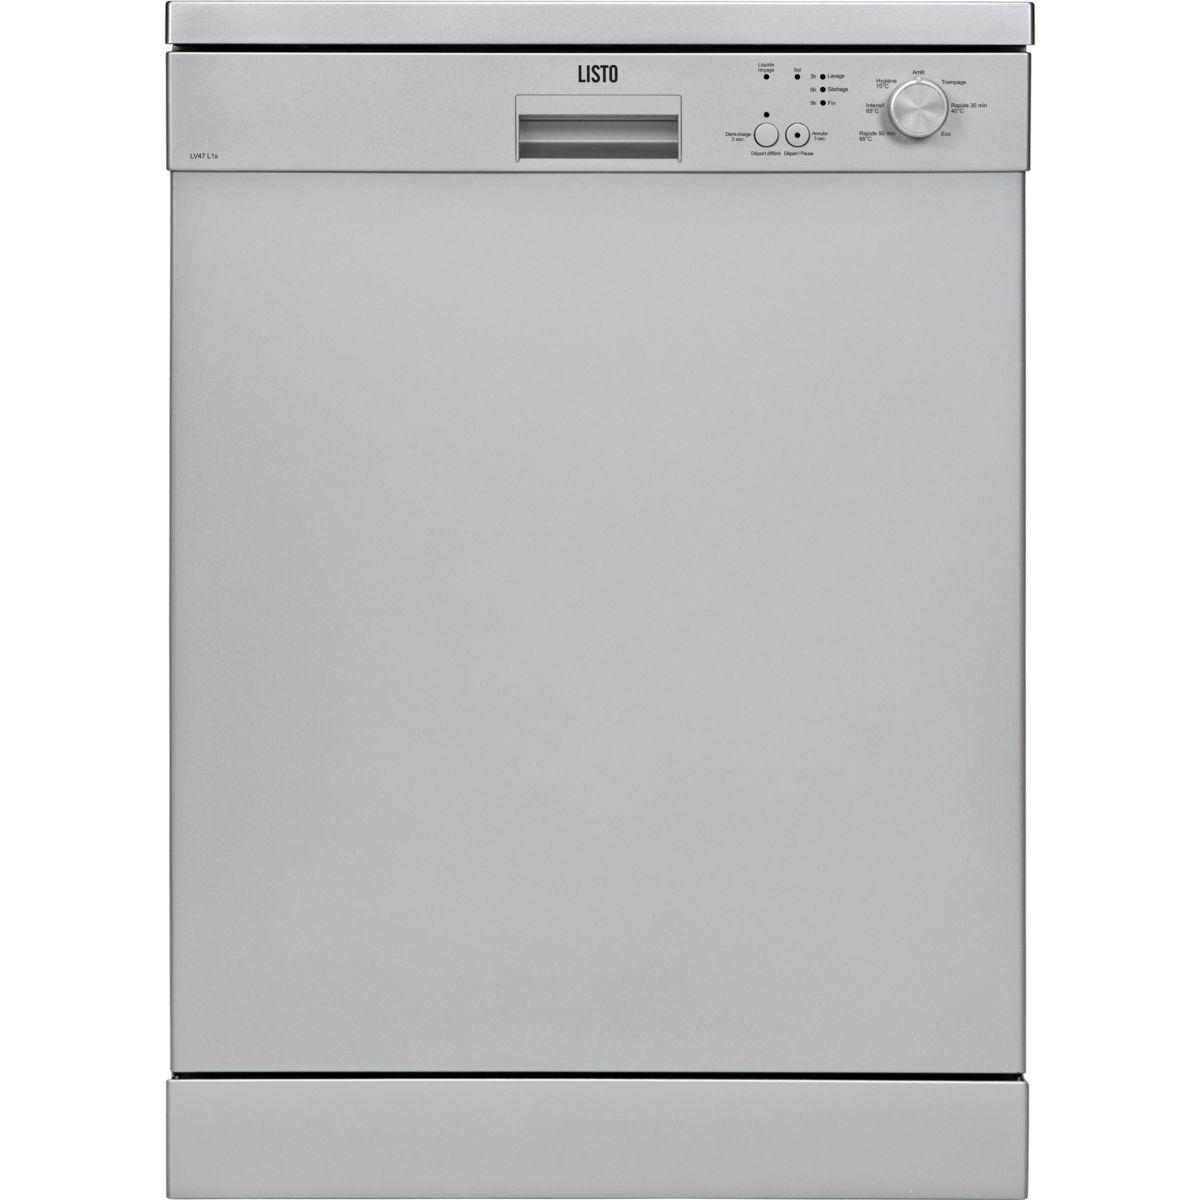 Lave vaisselle 60 cm LISTO LV47 L1 silver